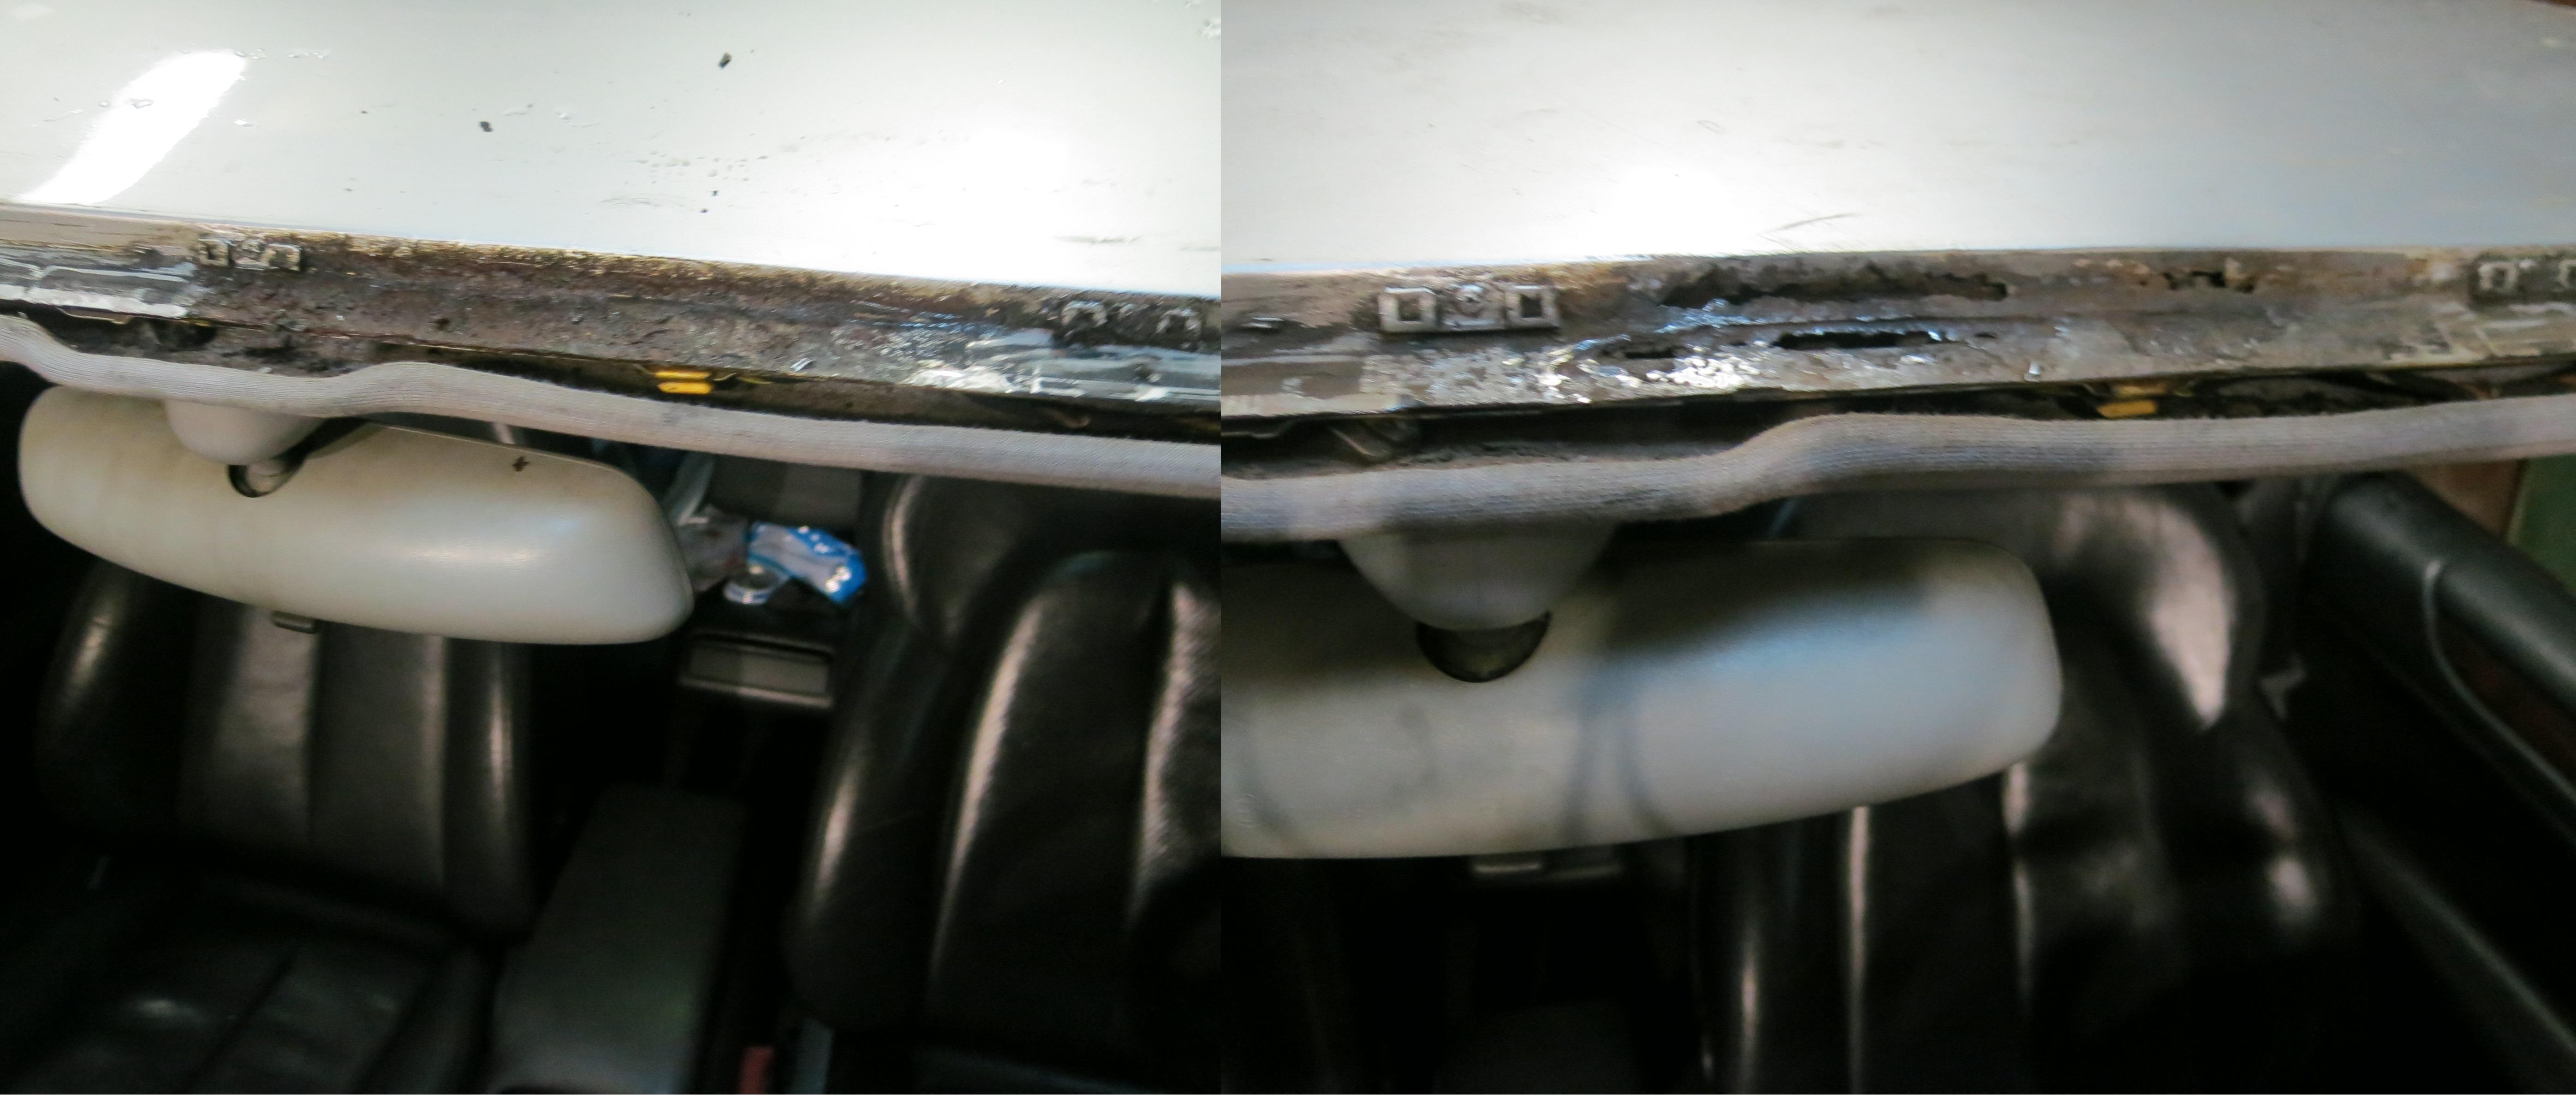 Ржавая рамка лобового стекла